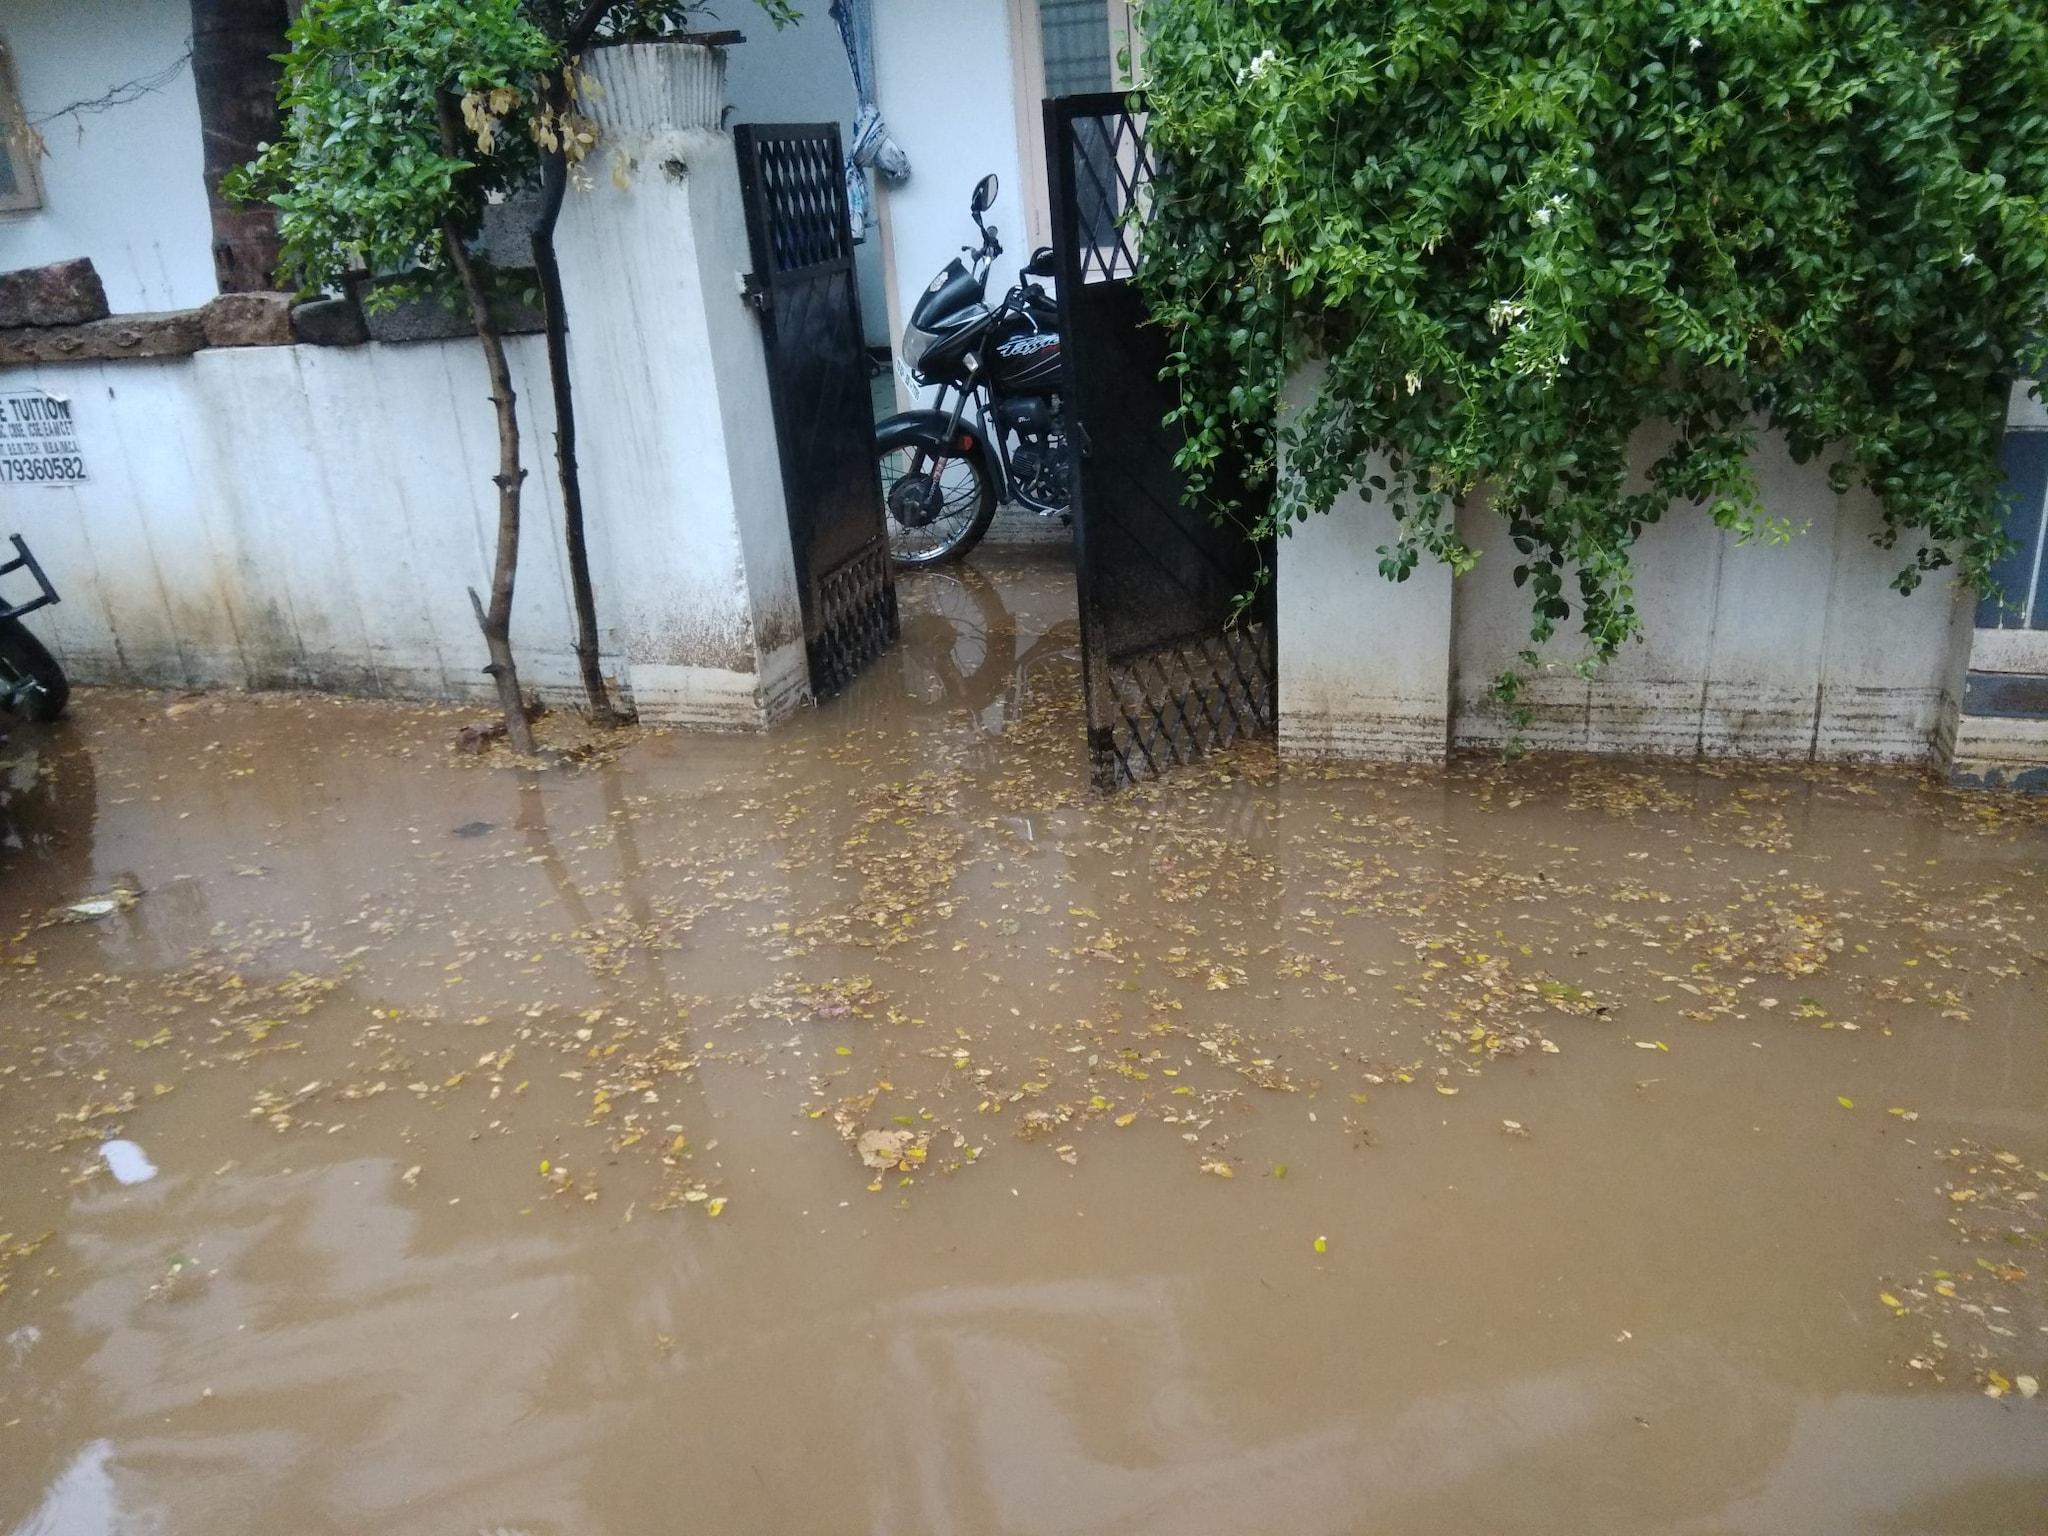 హైదరాబాద్లో మారిన వాతావరణ దృశ్యాలు (credit - twitter)